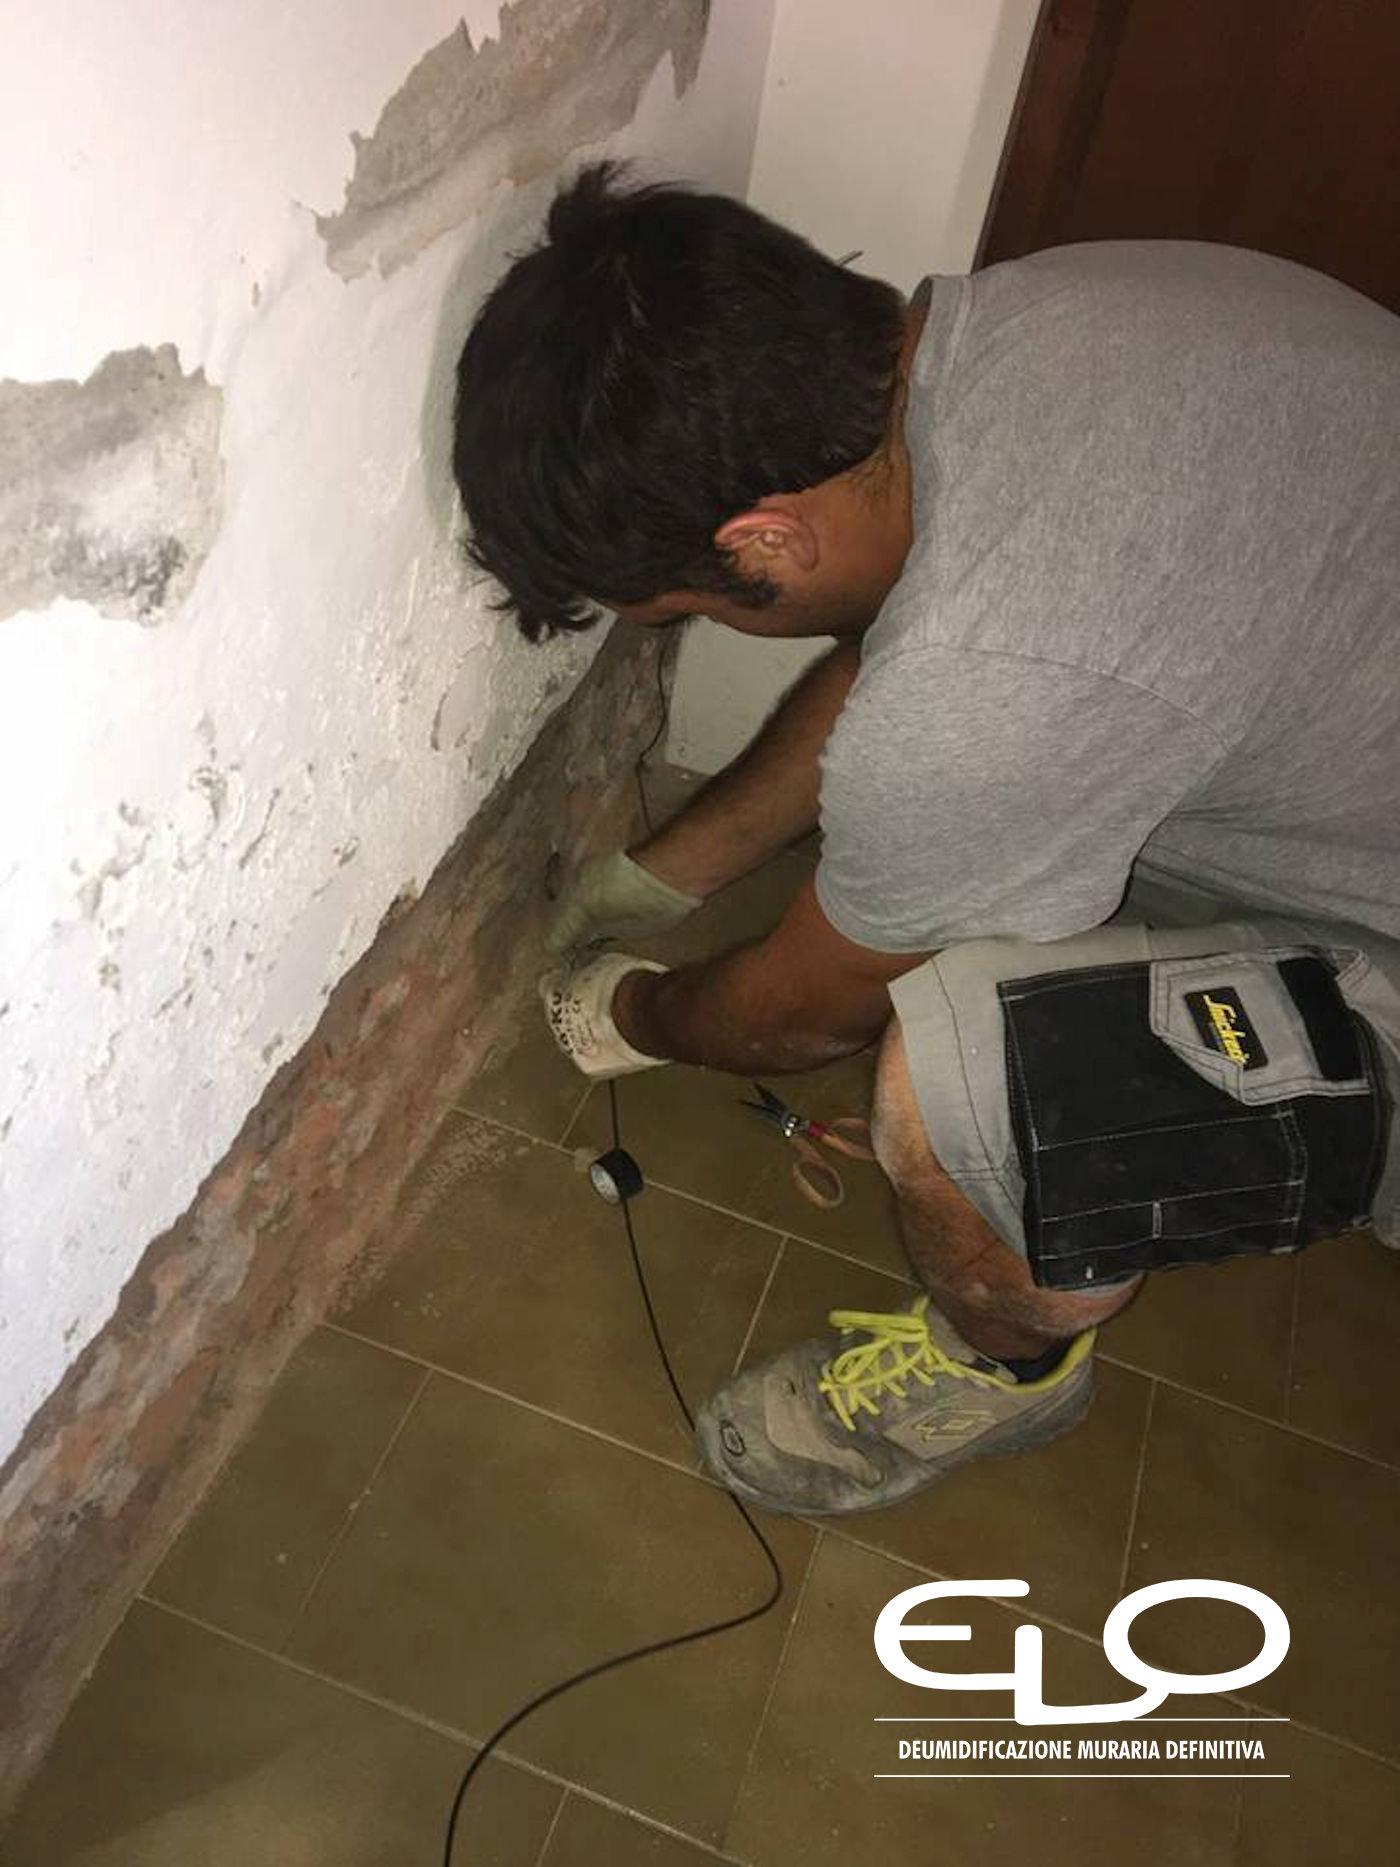 Efficacia impianto elettrosmotico - Il restauro del santuario di Poggio Piccolo